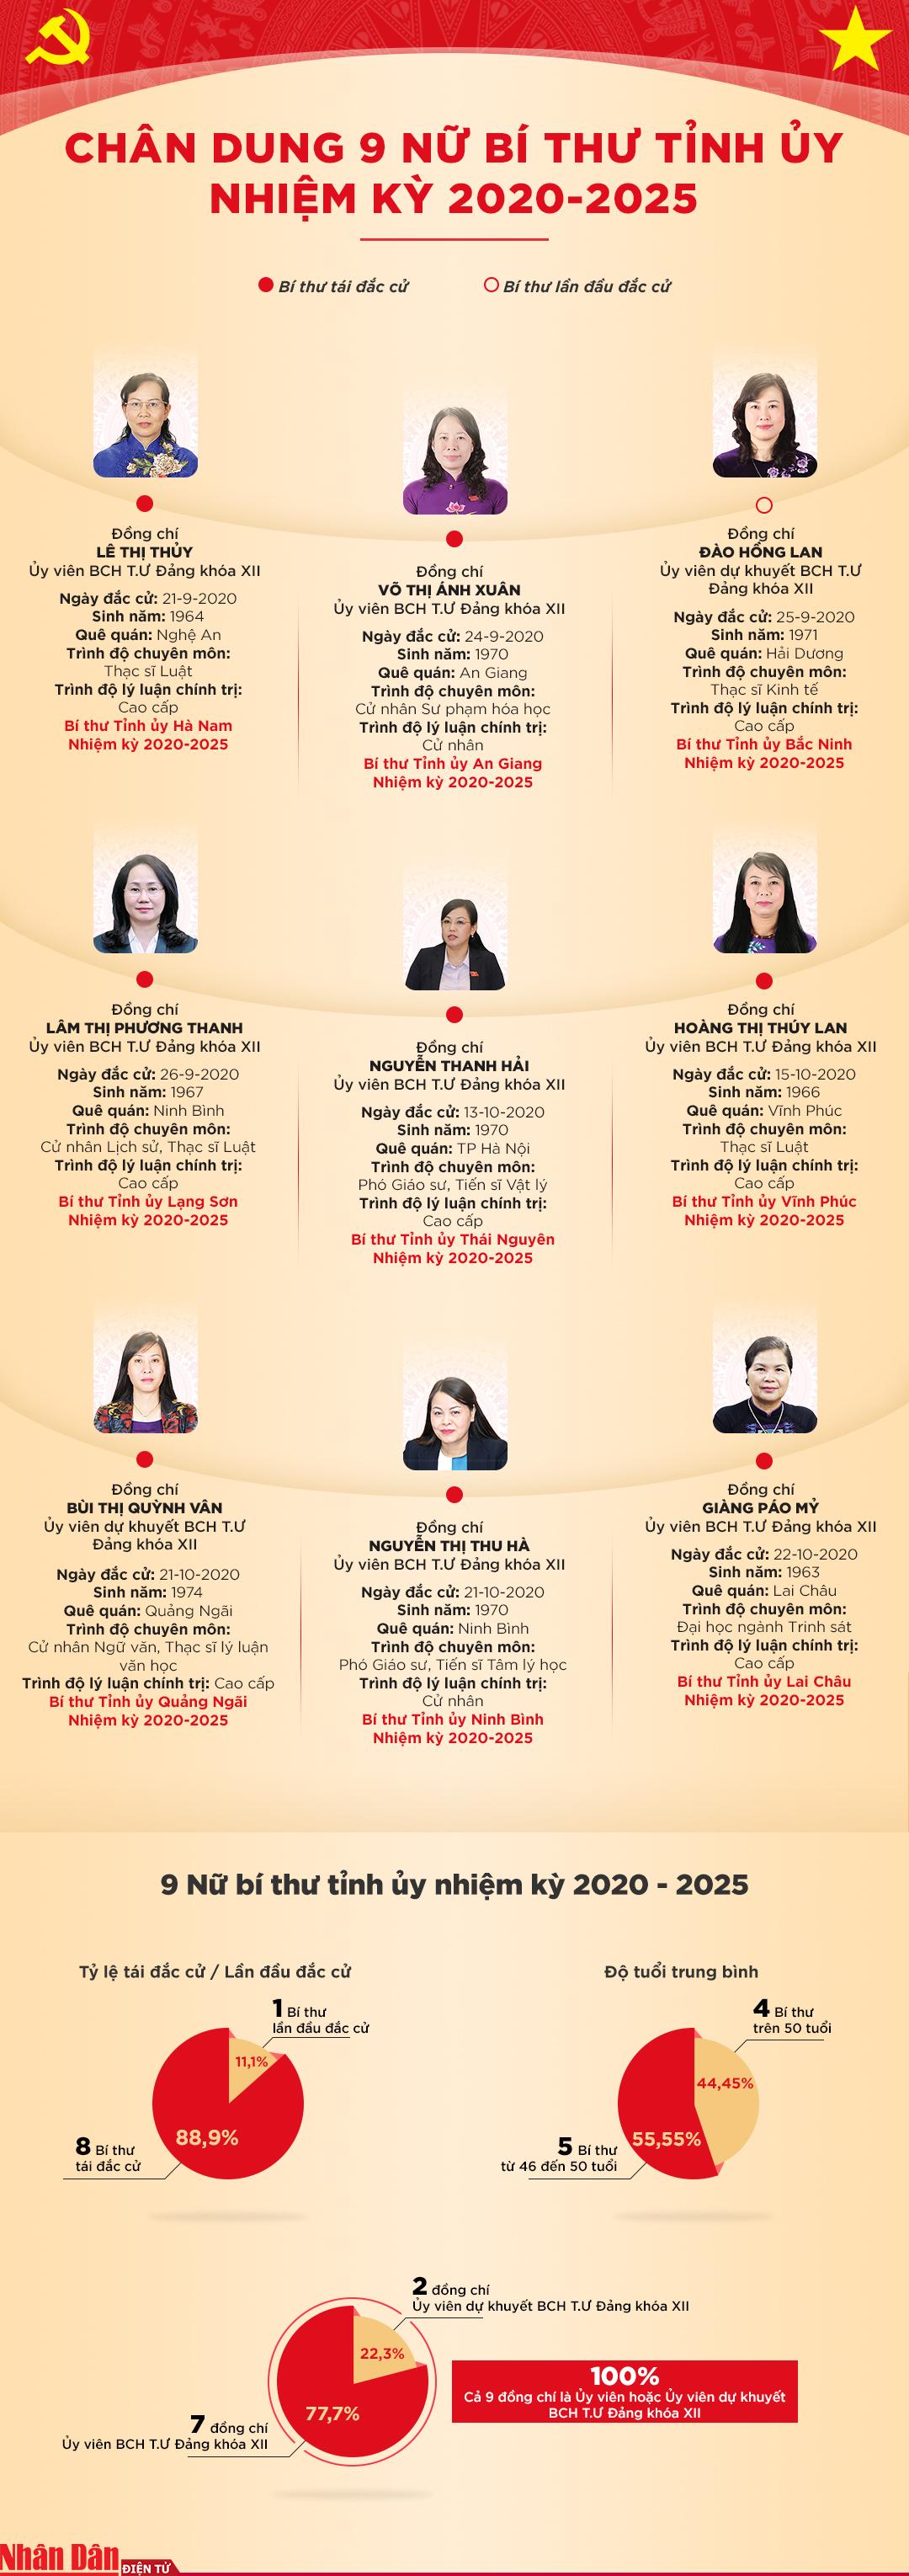 Chân dung chín nữ Bí thư Tỉnh ủy nhiệm kỳ 2020-2025 -0